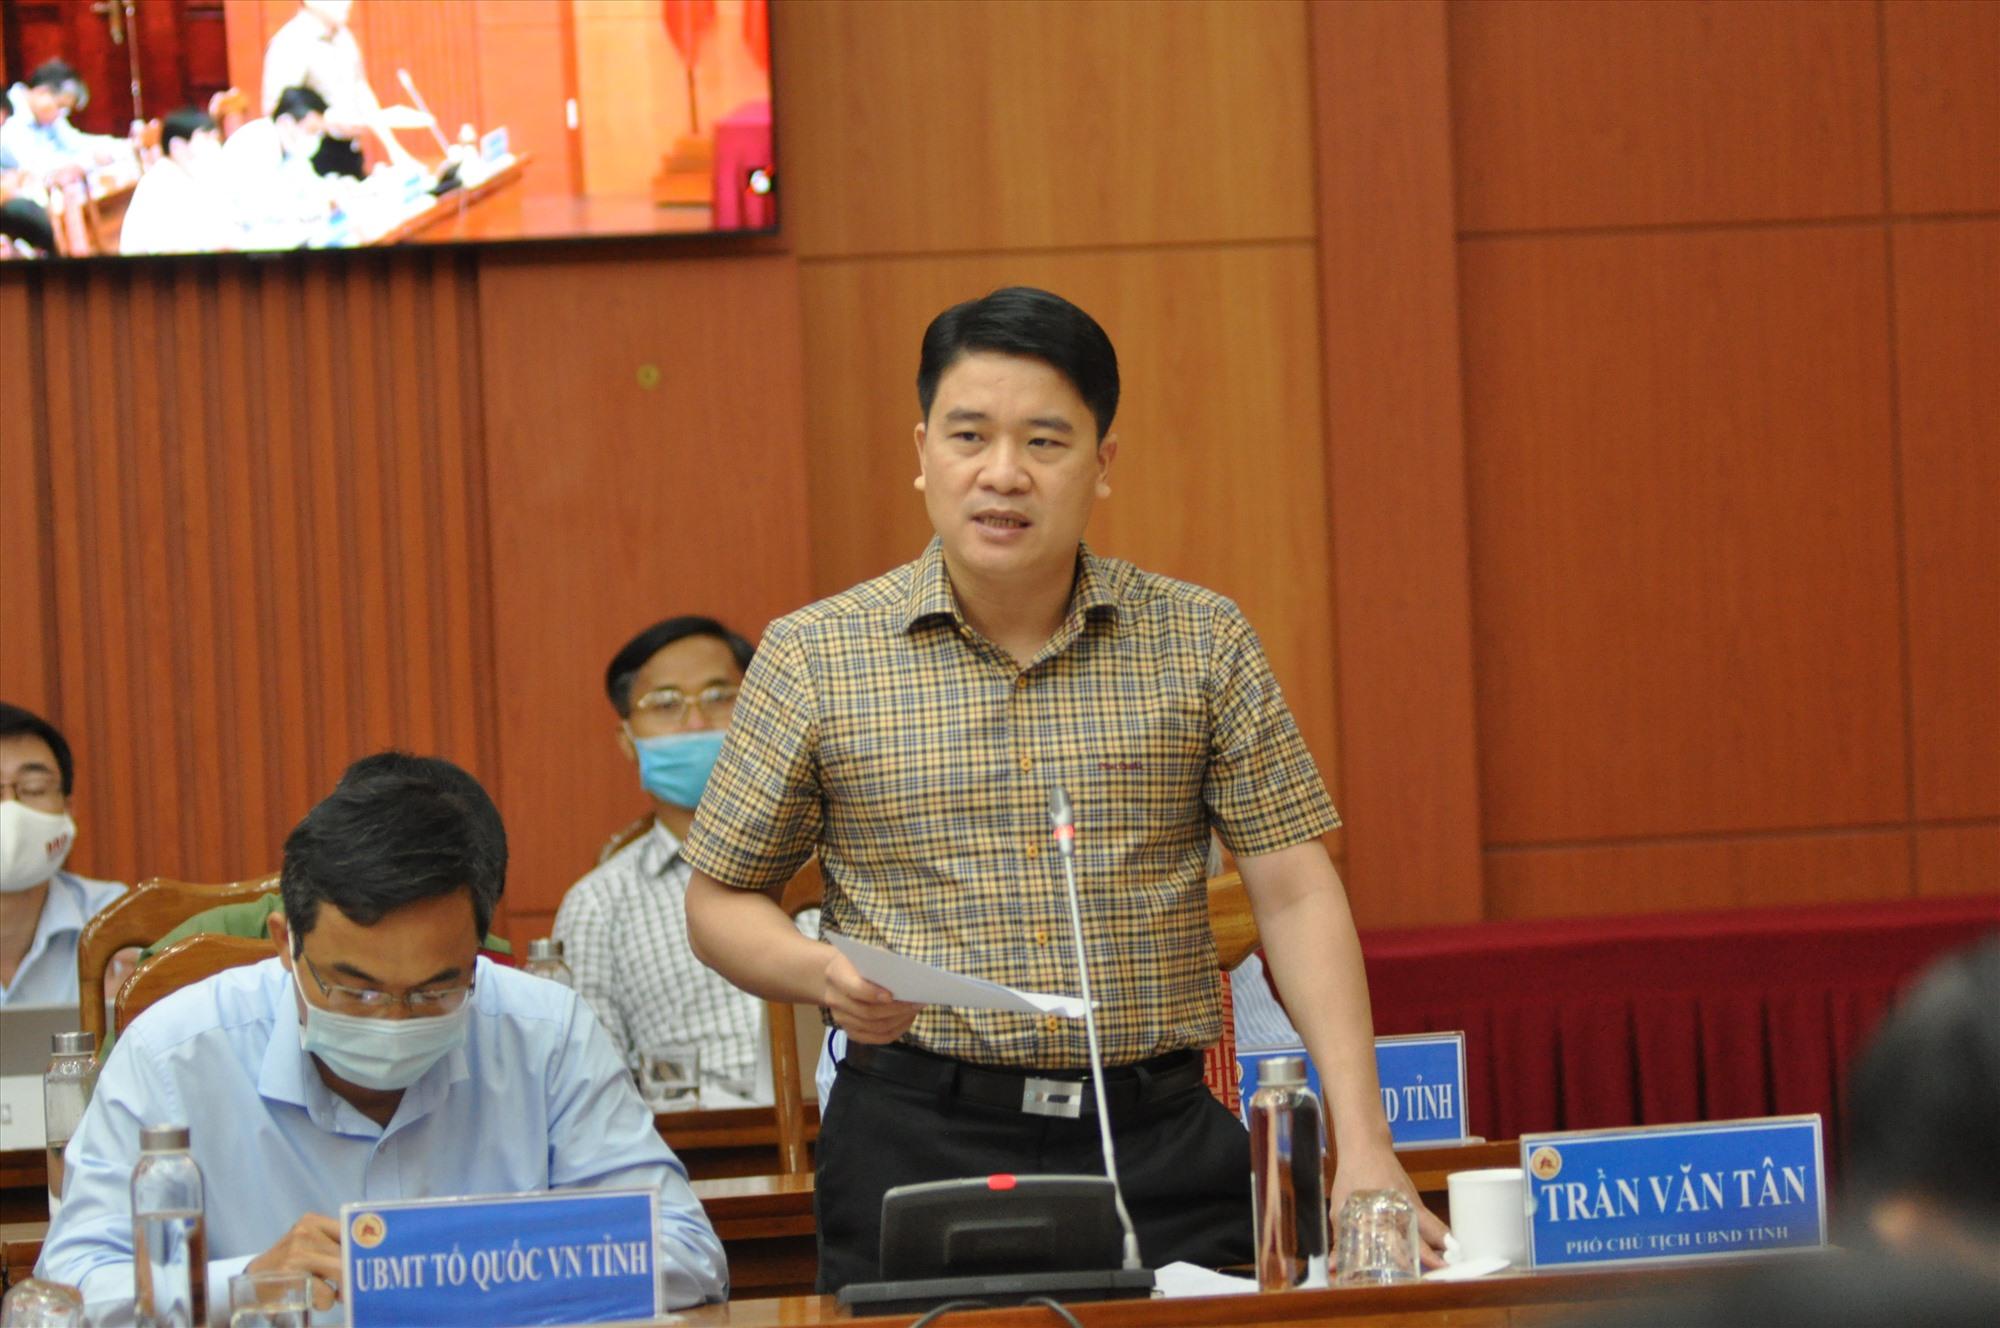 Phó Chủ tịch UBND tỉnh Trần Văn Tân phát biểu tại hội nghị. Ảnh: X.P